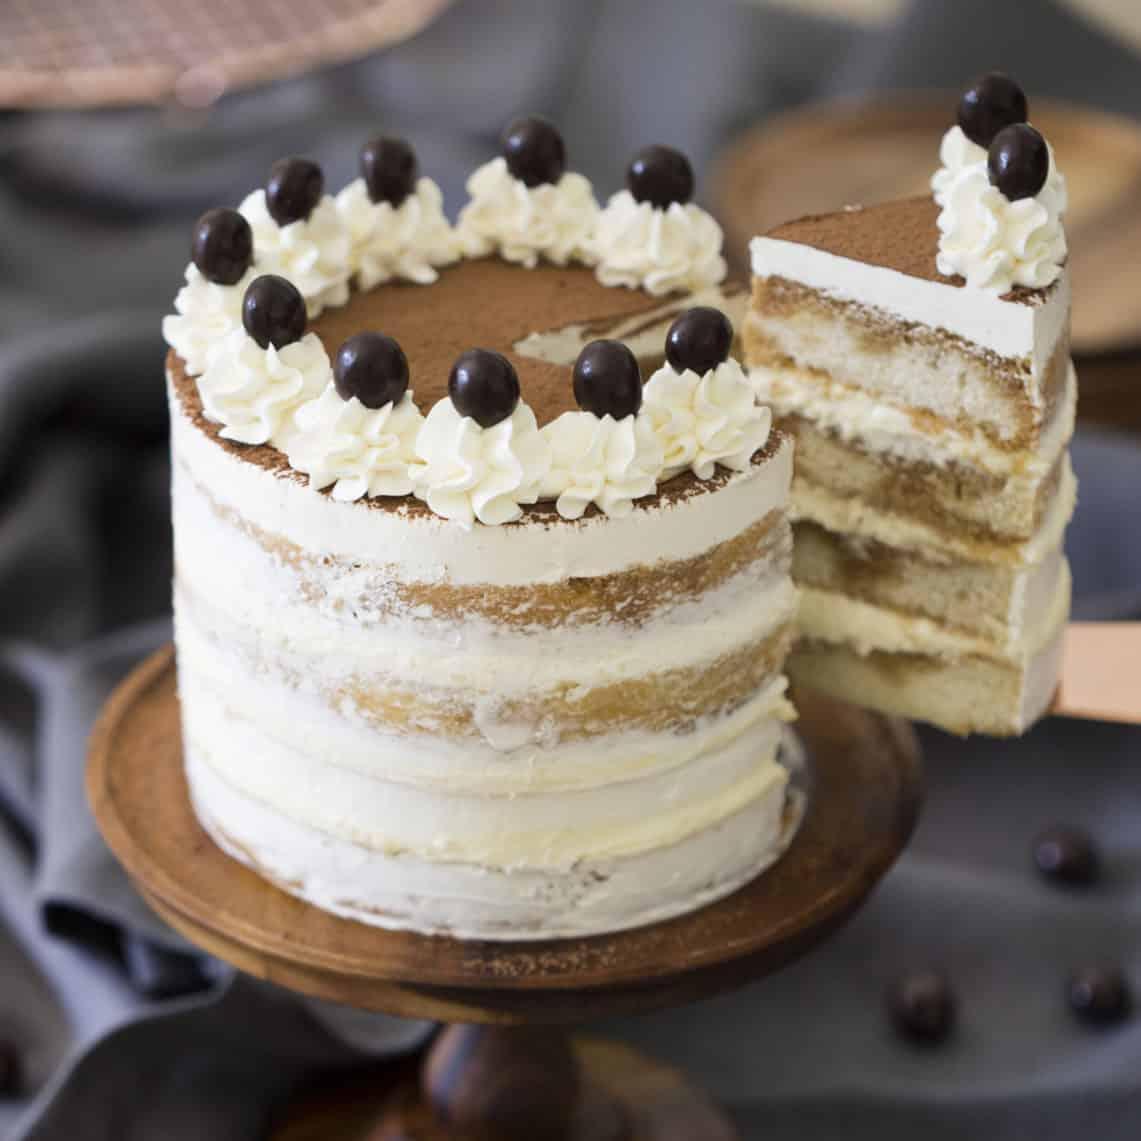 Địa chỉ nào cung cấp bánh kem tiramisu ngon nhất?